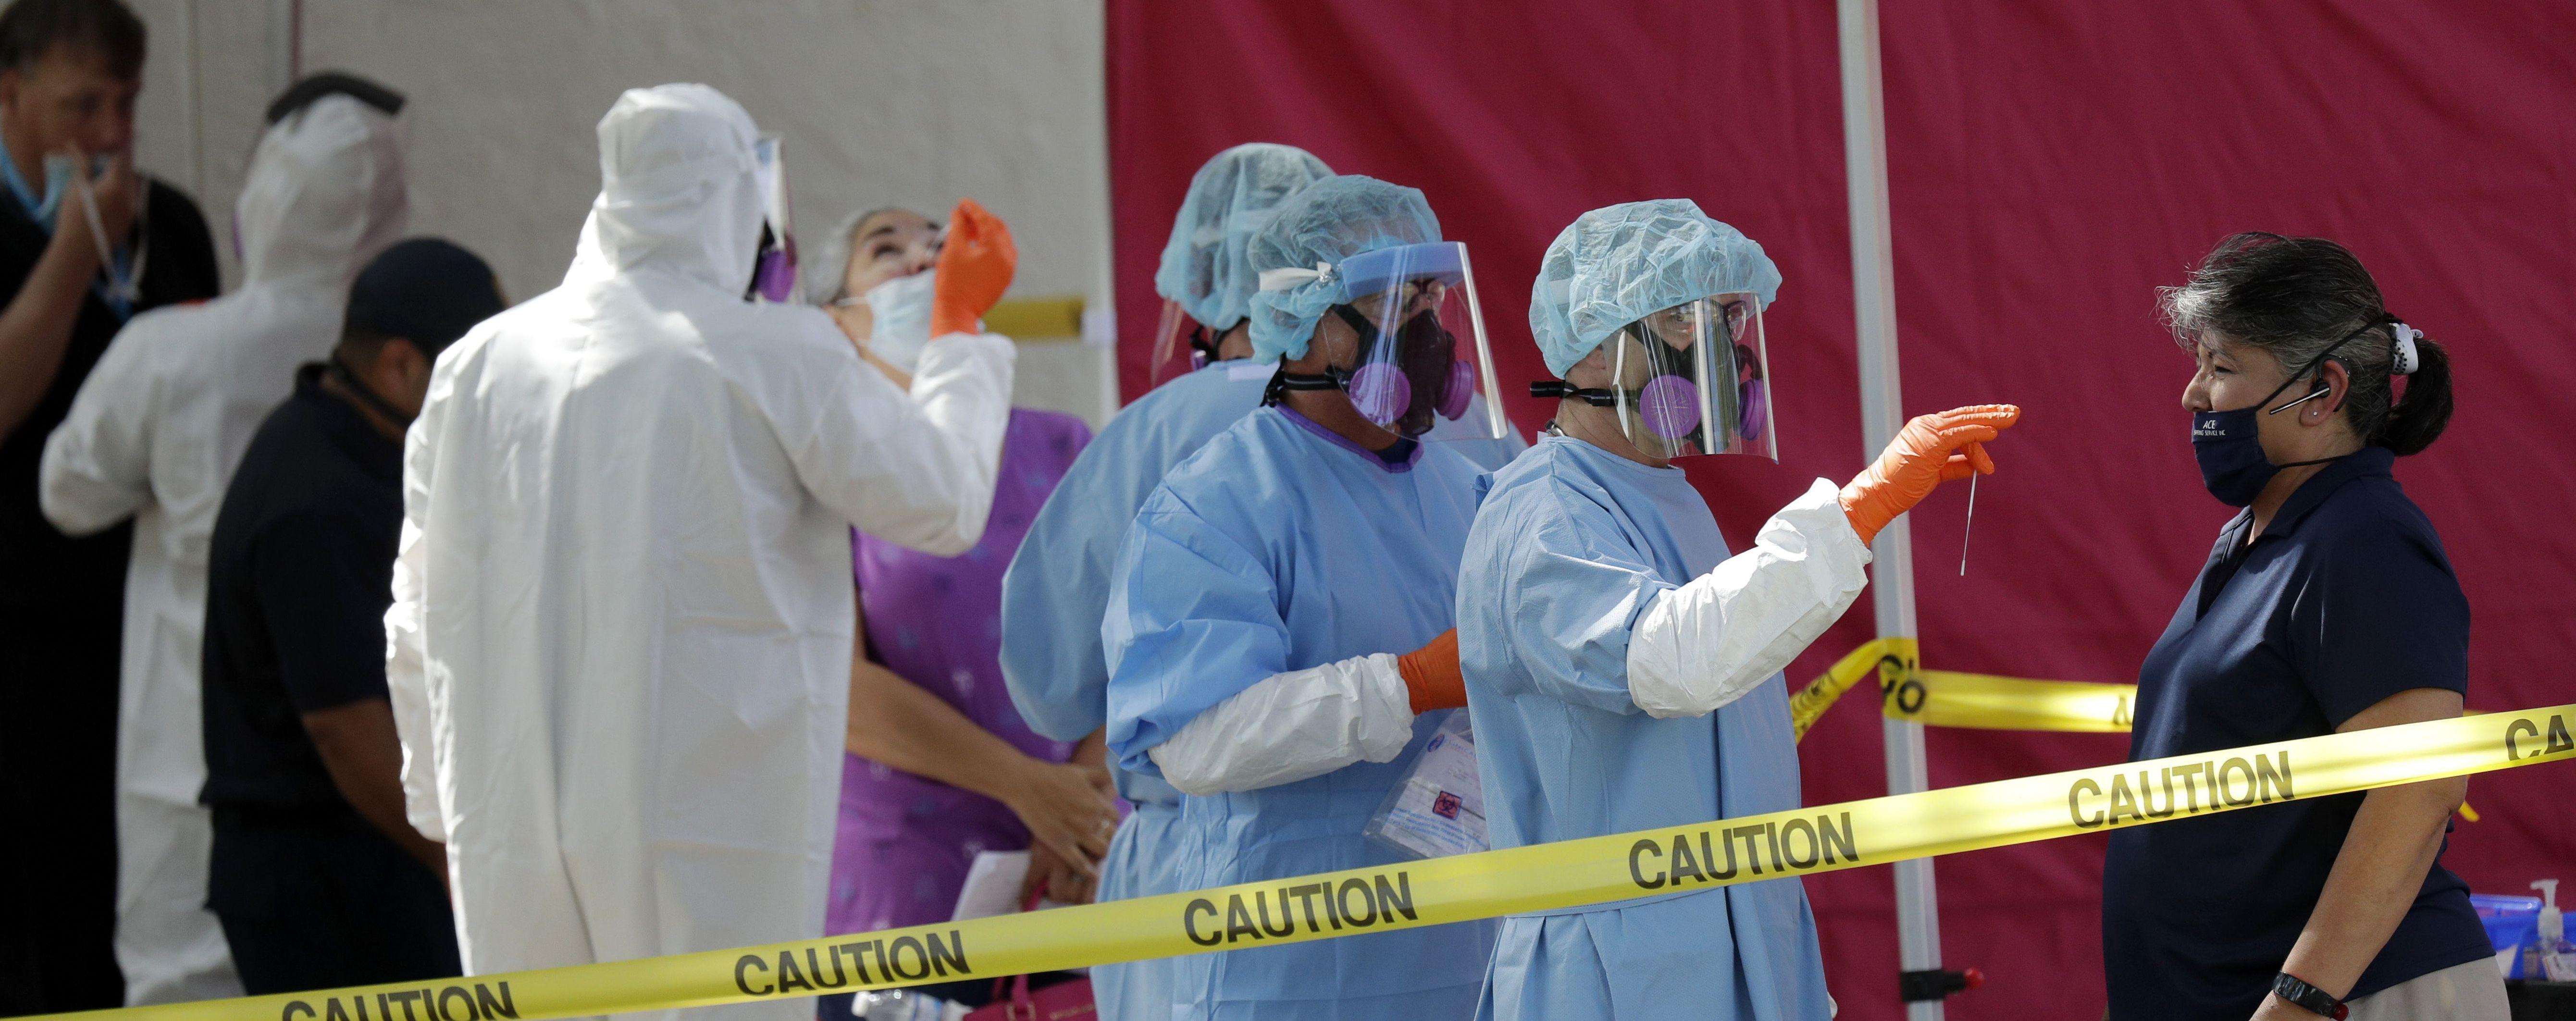 Важкість перебігу коронавірусу у людини може мати спадковий характер – лікар з США